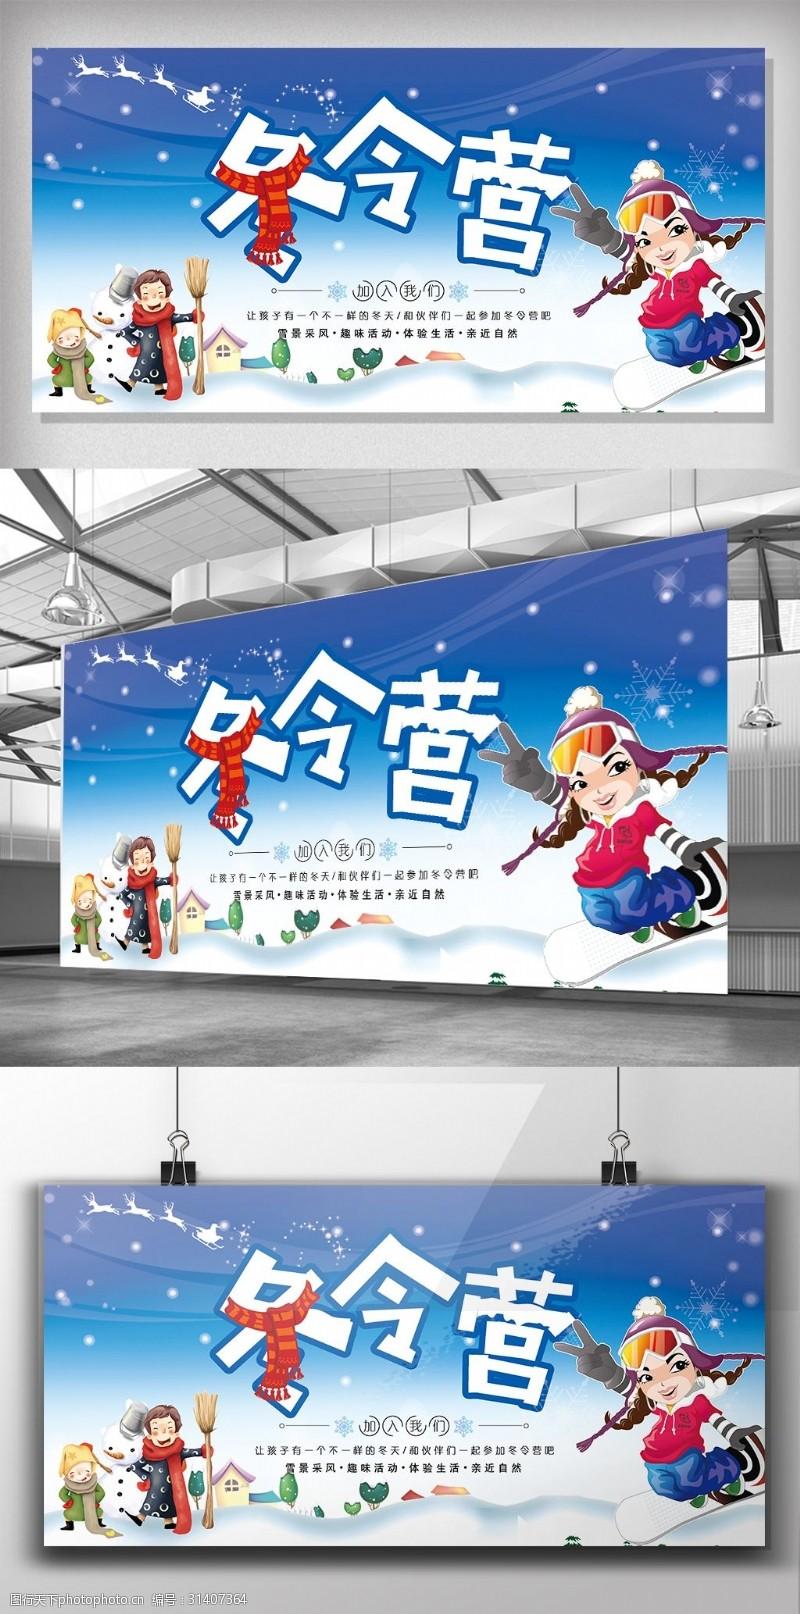 冬令营活动2017年蓝色卡通冬令营展板设计